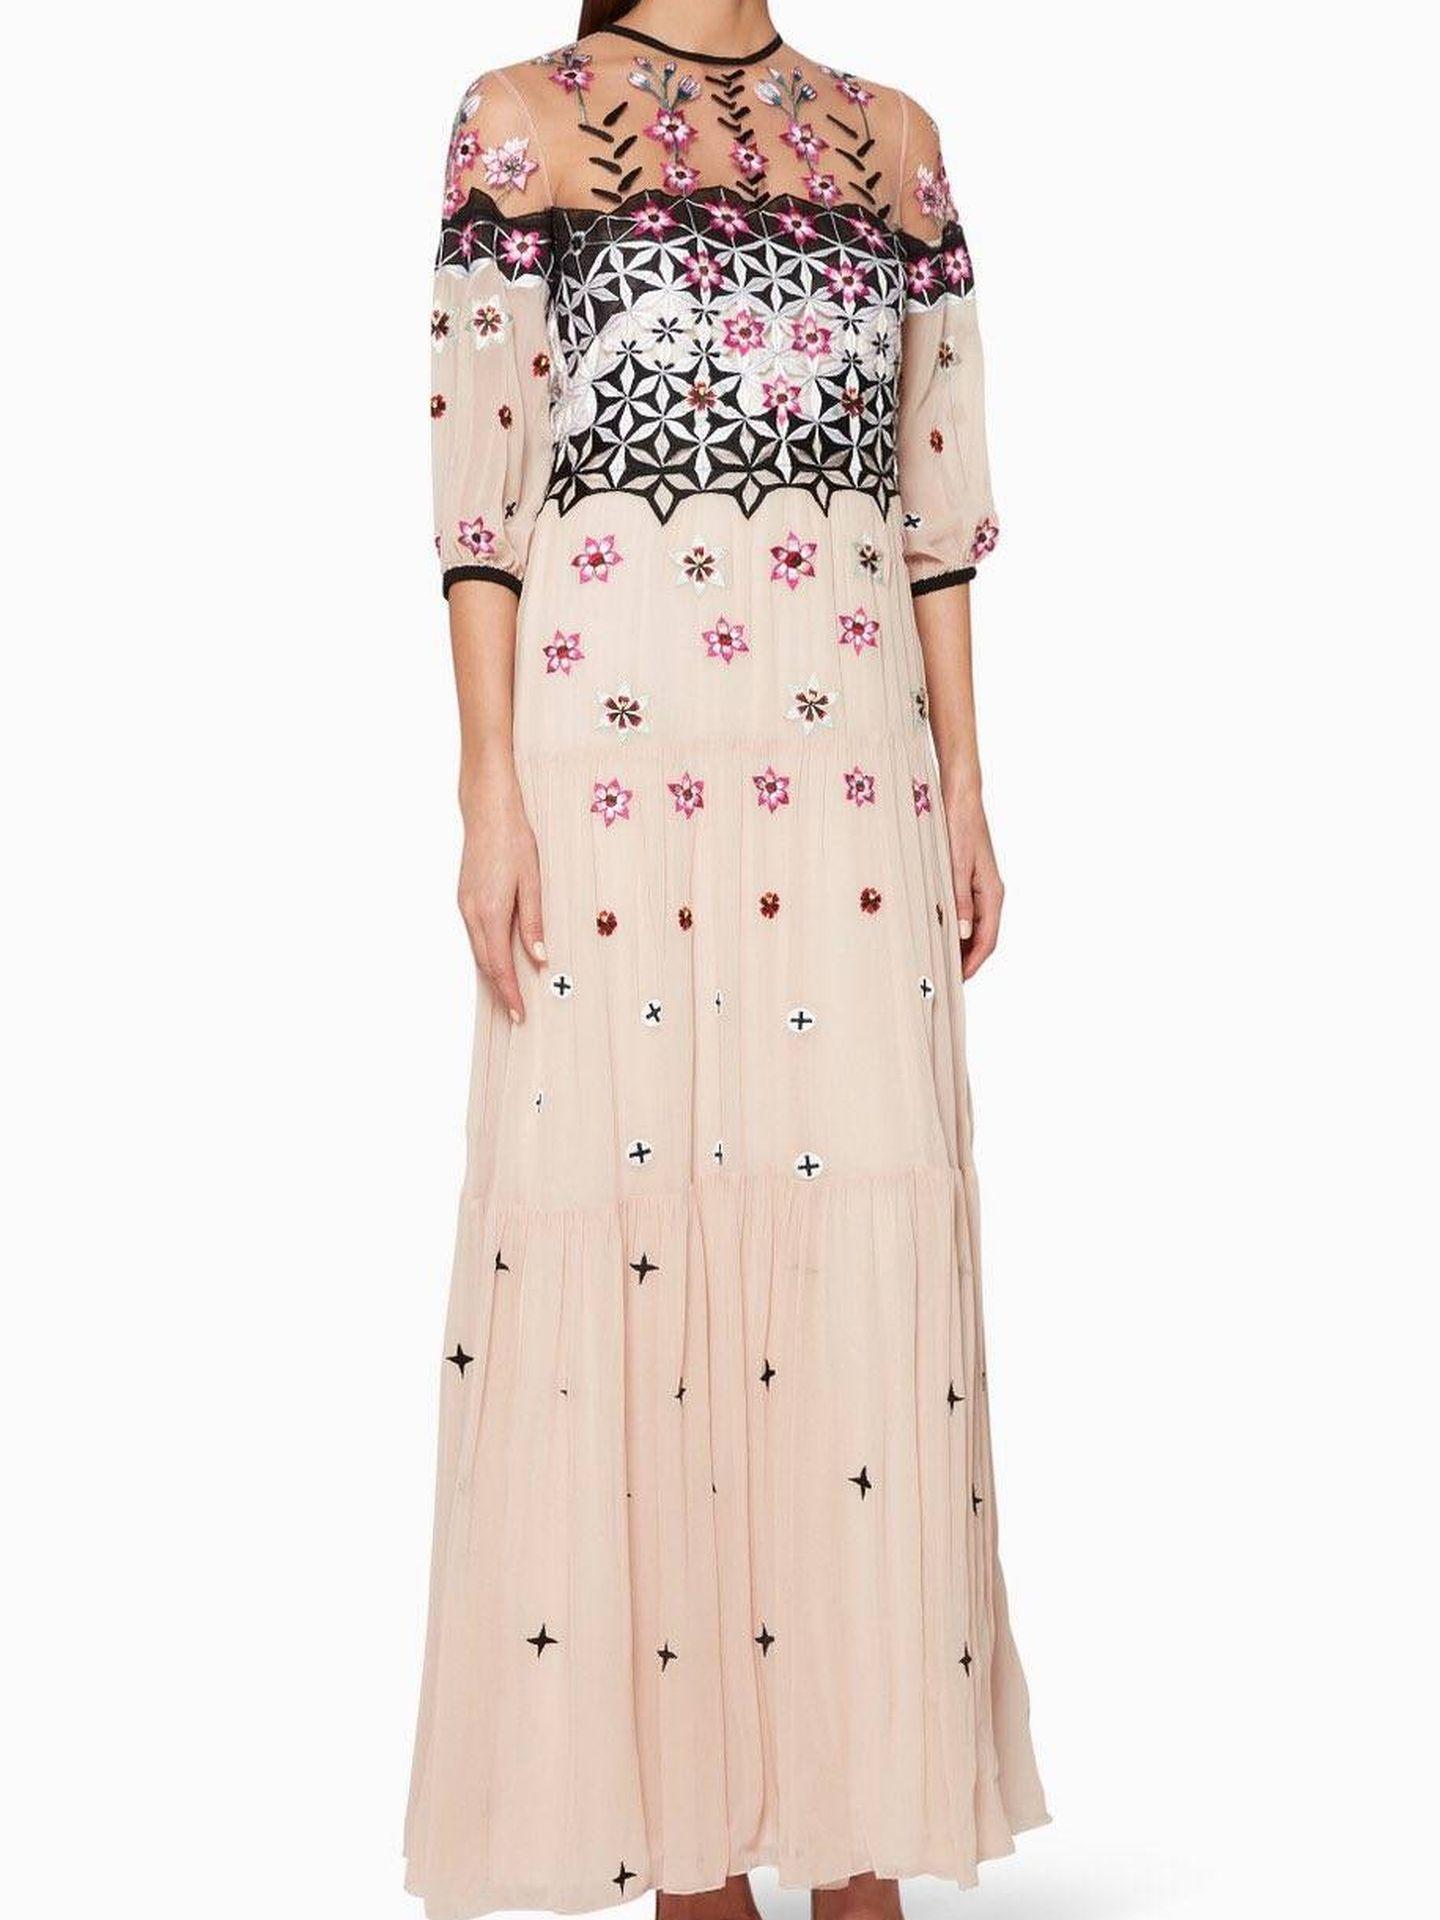 El vestido de Temperley London.